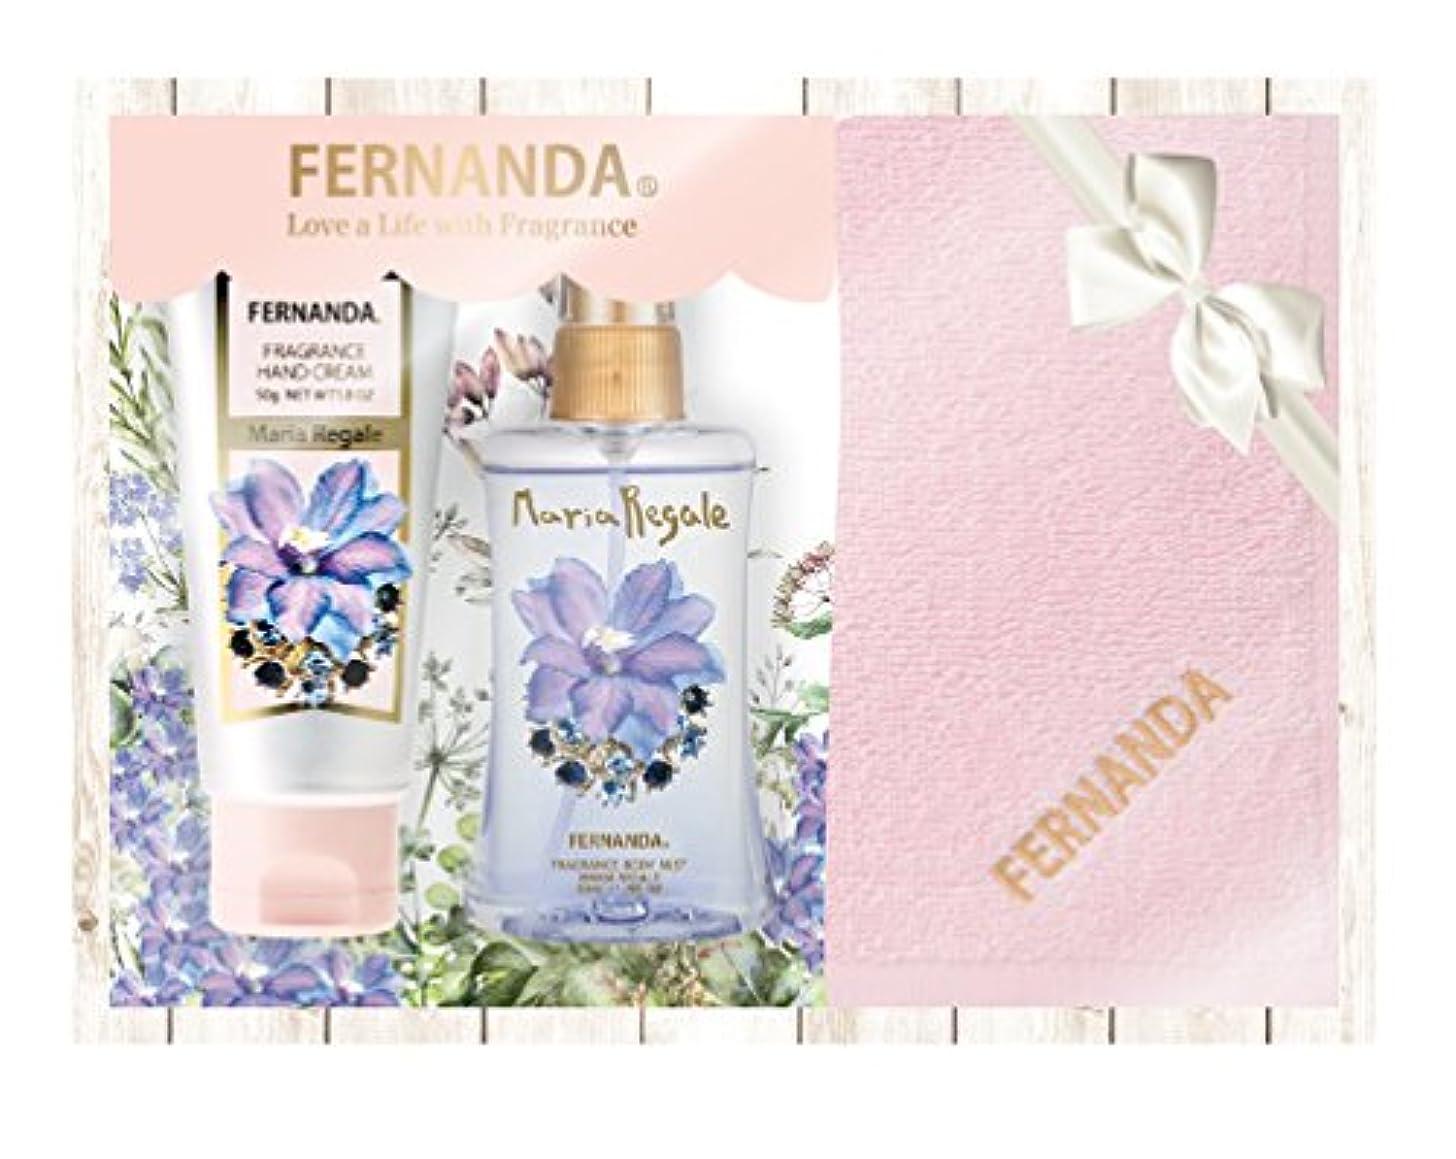 喜び百万常識FERNANDA(フェルナンダ)Mini Mist & Hand Cream Special Gift Maria Regale (ミニミスト&ハンドクリームスペシャルギフト マリアリゲル)